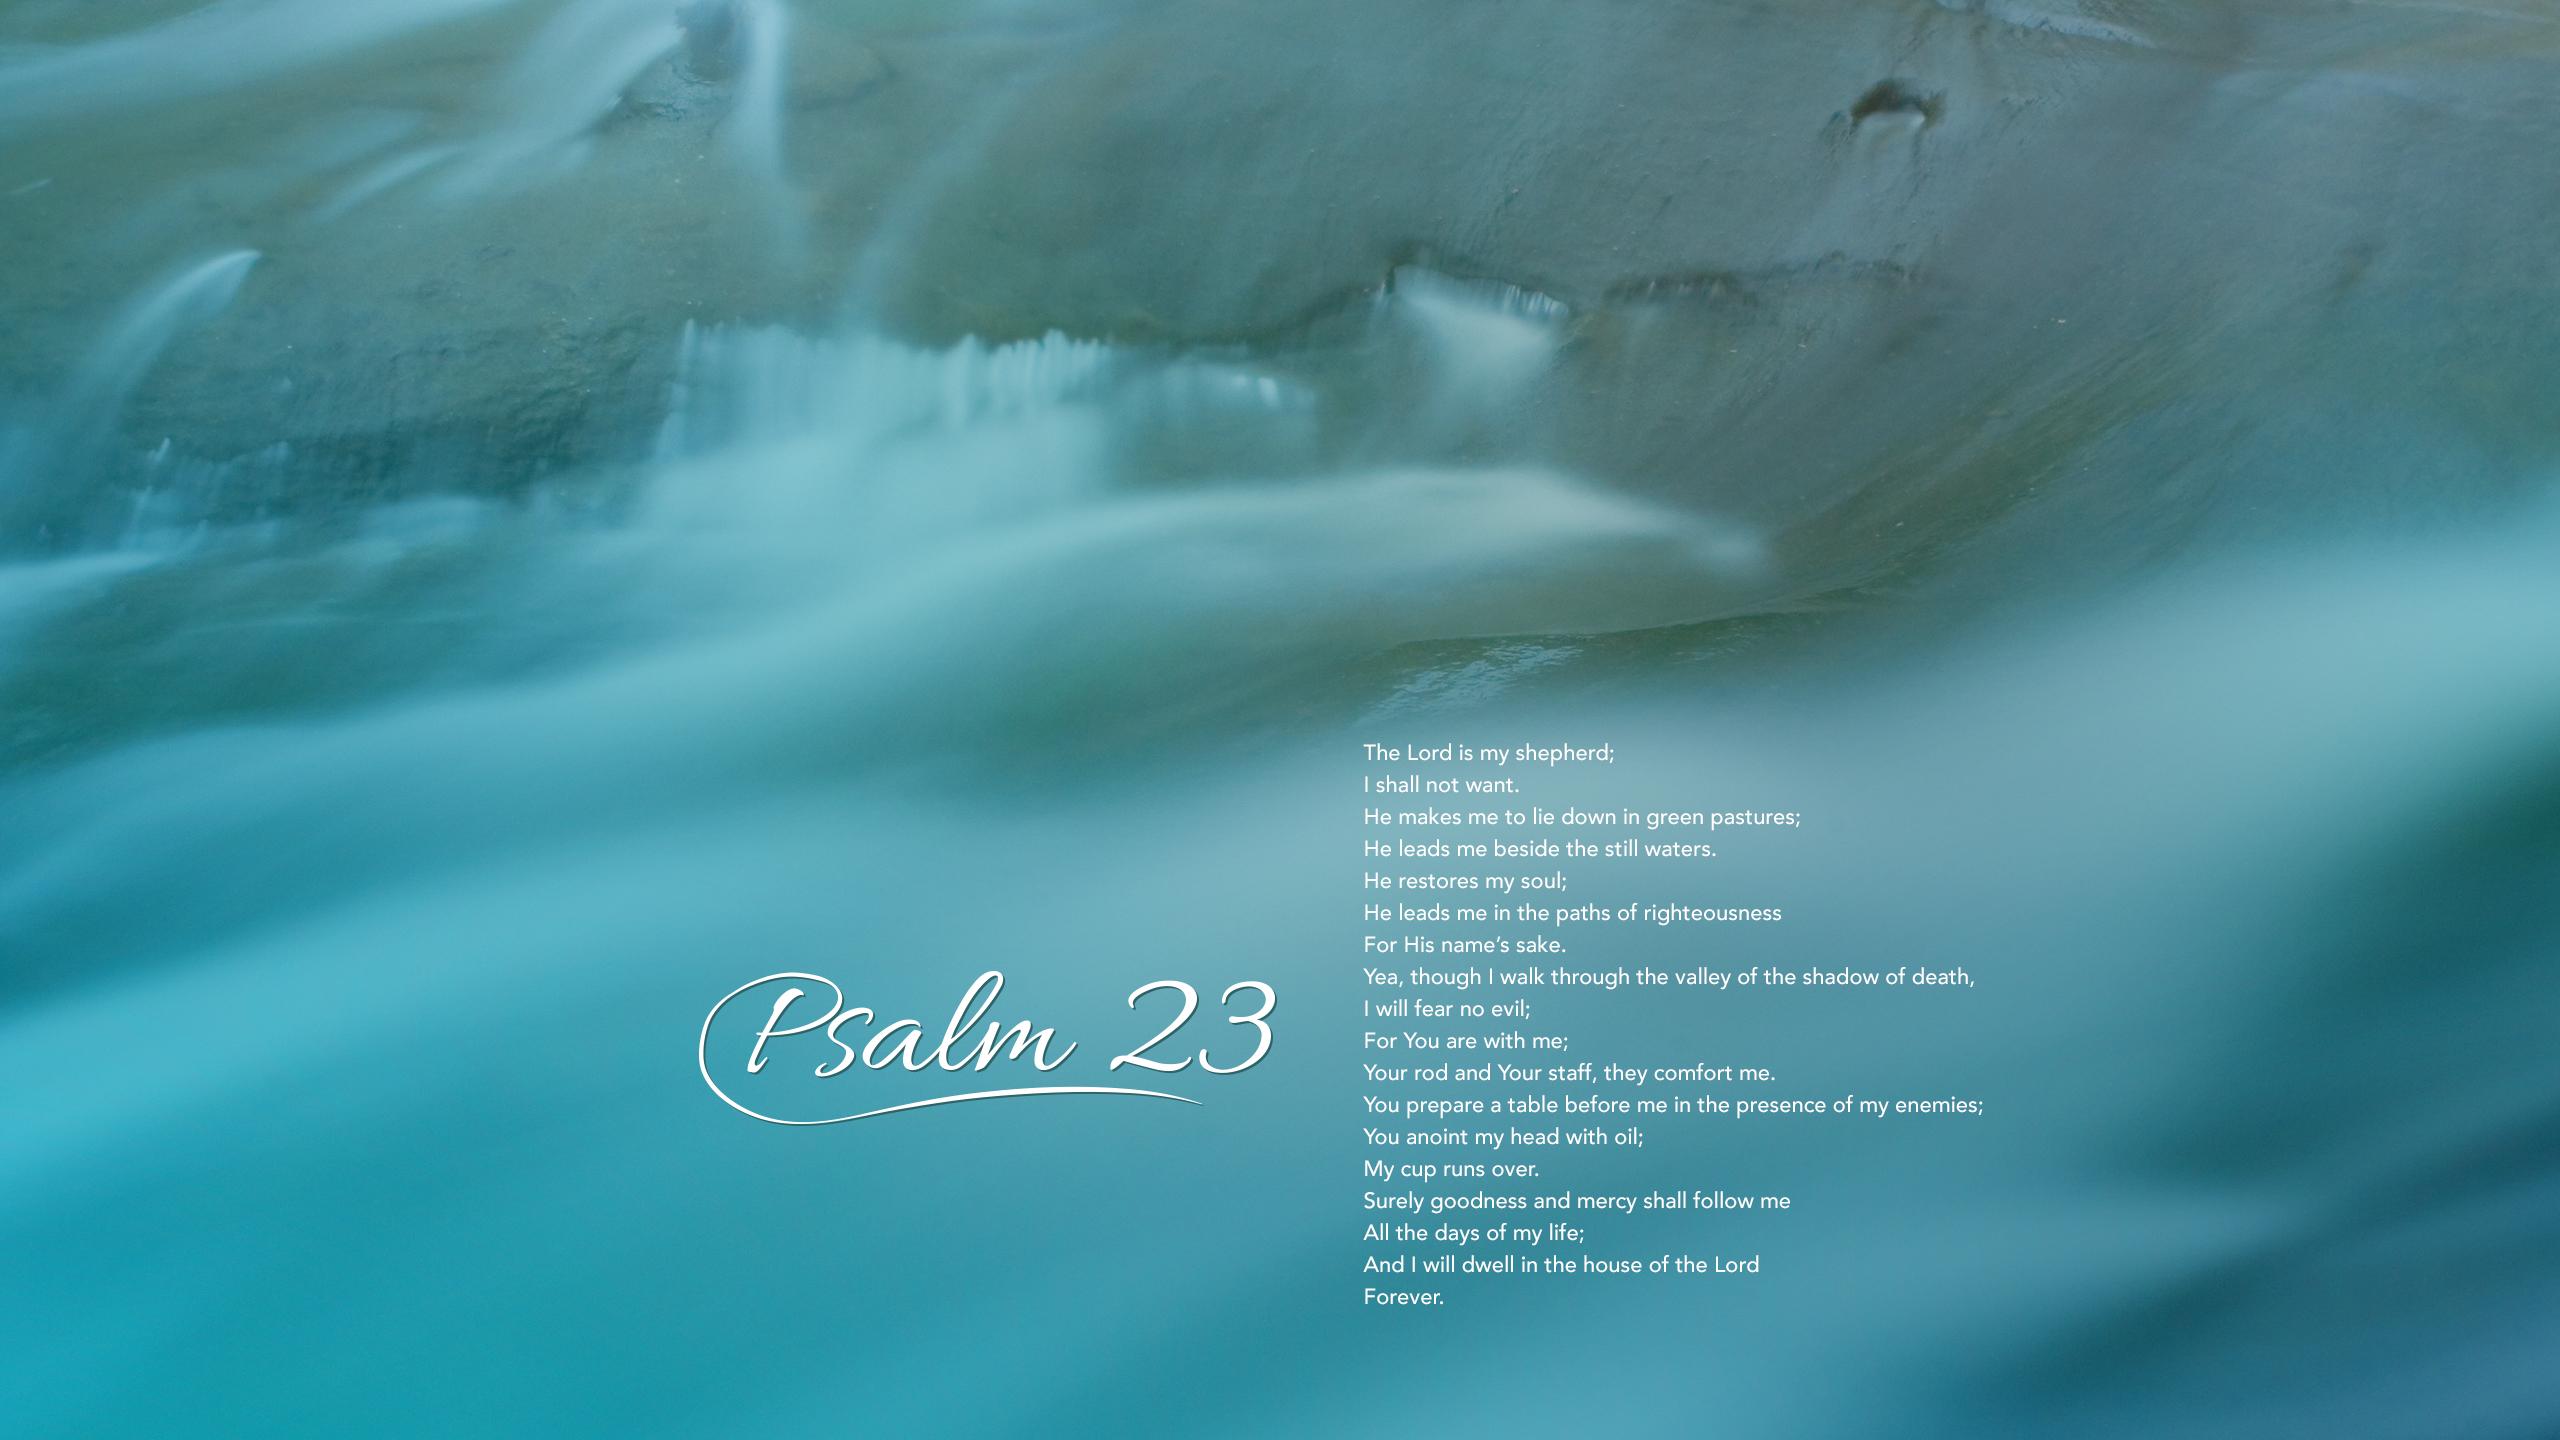 Psalm 23 Psalm Bible Christianity Religion 2560x1440 2560x1440